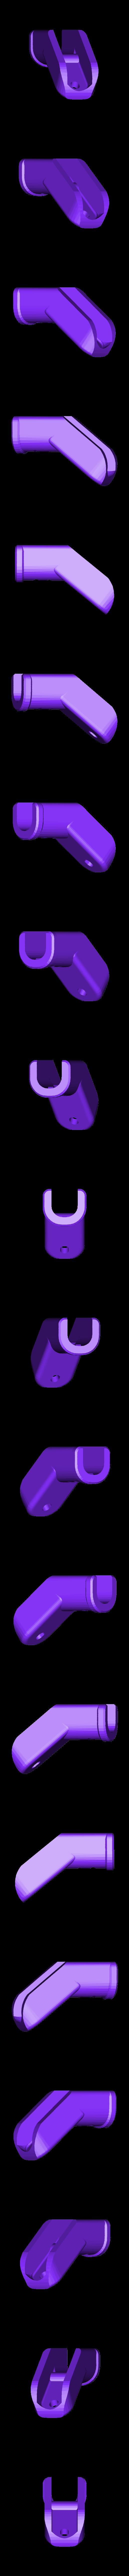 FGC9_UNW_Adjastable_BUTTSTOCK_PART_v3.stl Download free STL file FGC-9 adjustable butt stock • 3D printer object, UntangleART